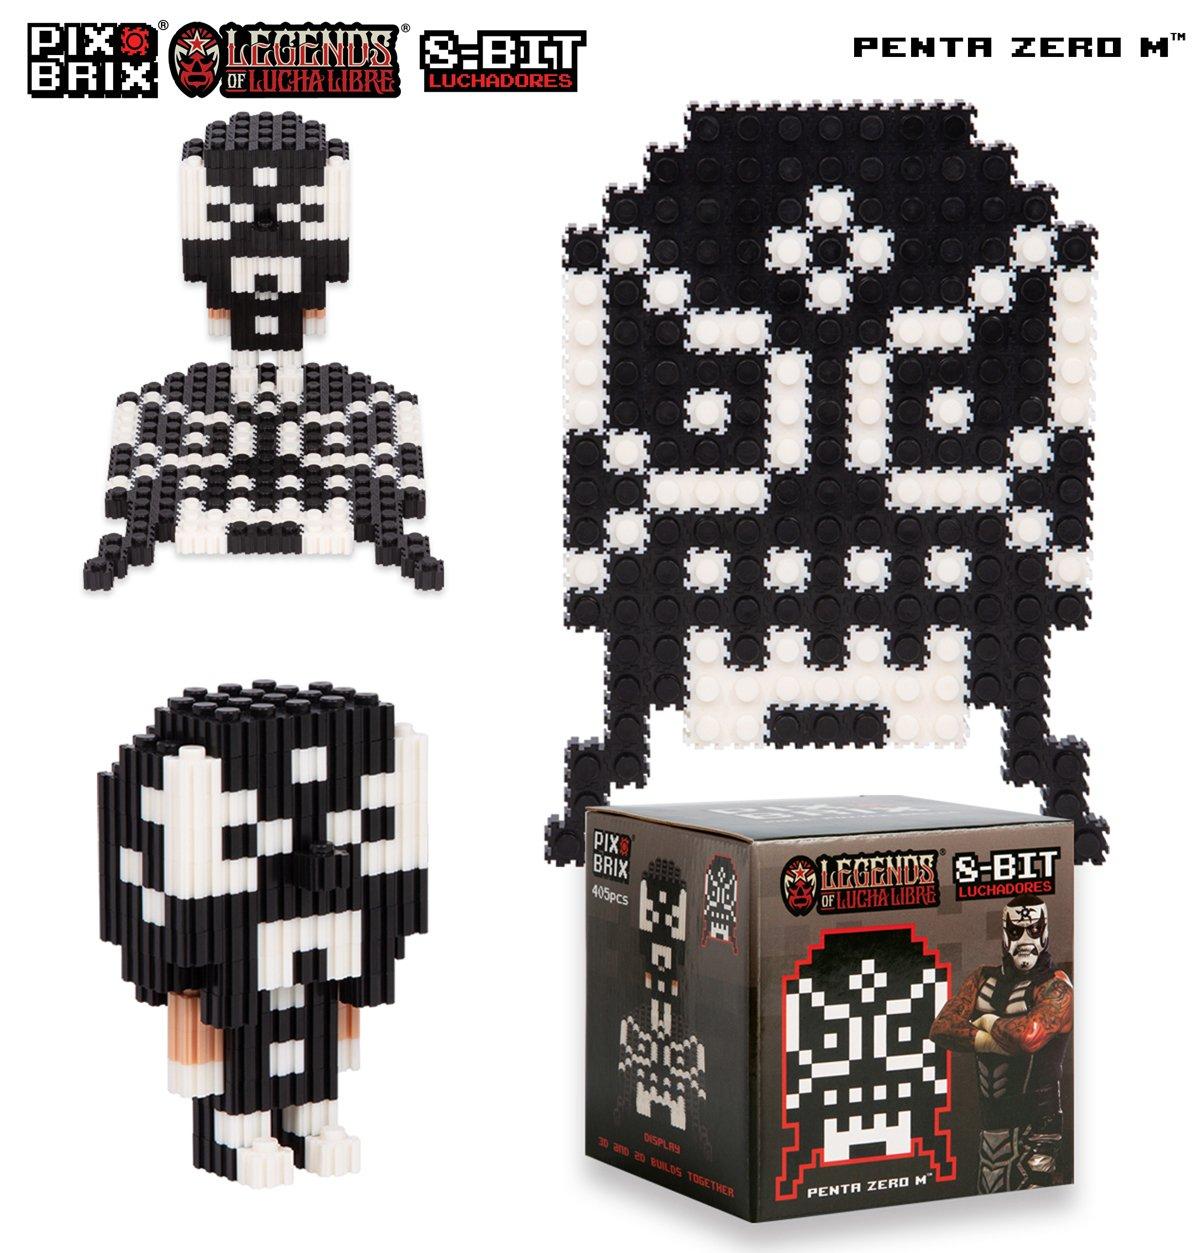 Image of Pix Brix - Penta Zero M 2D & 3D Puzzles (20% OFF BLACK FRIDAY SPECIAL)